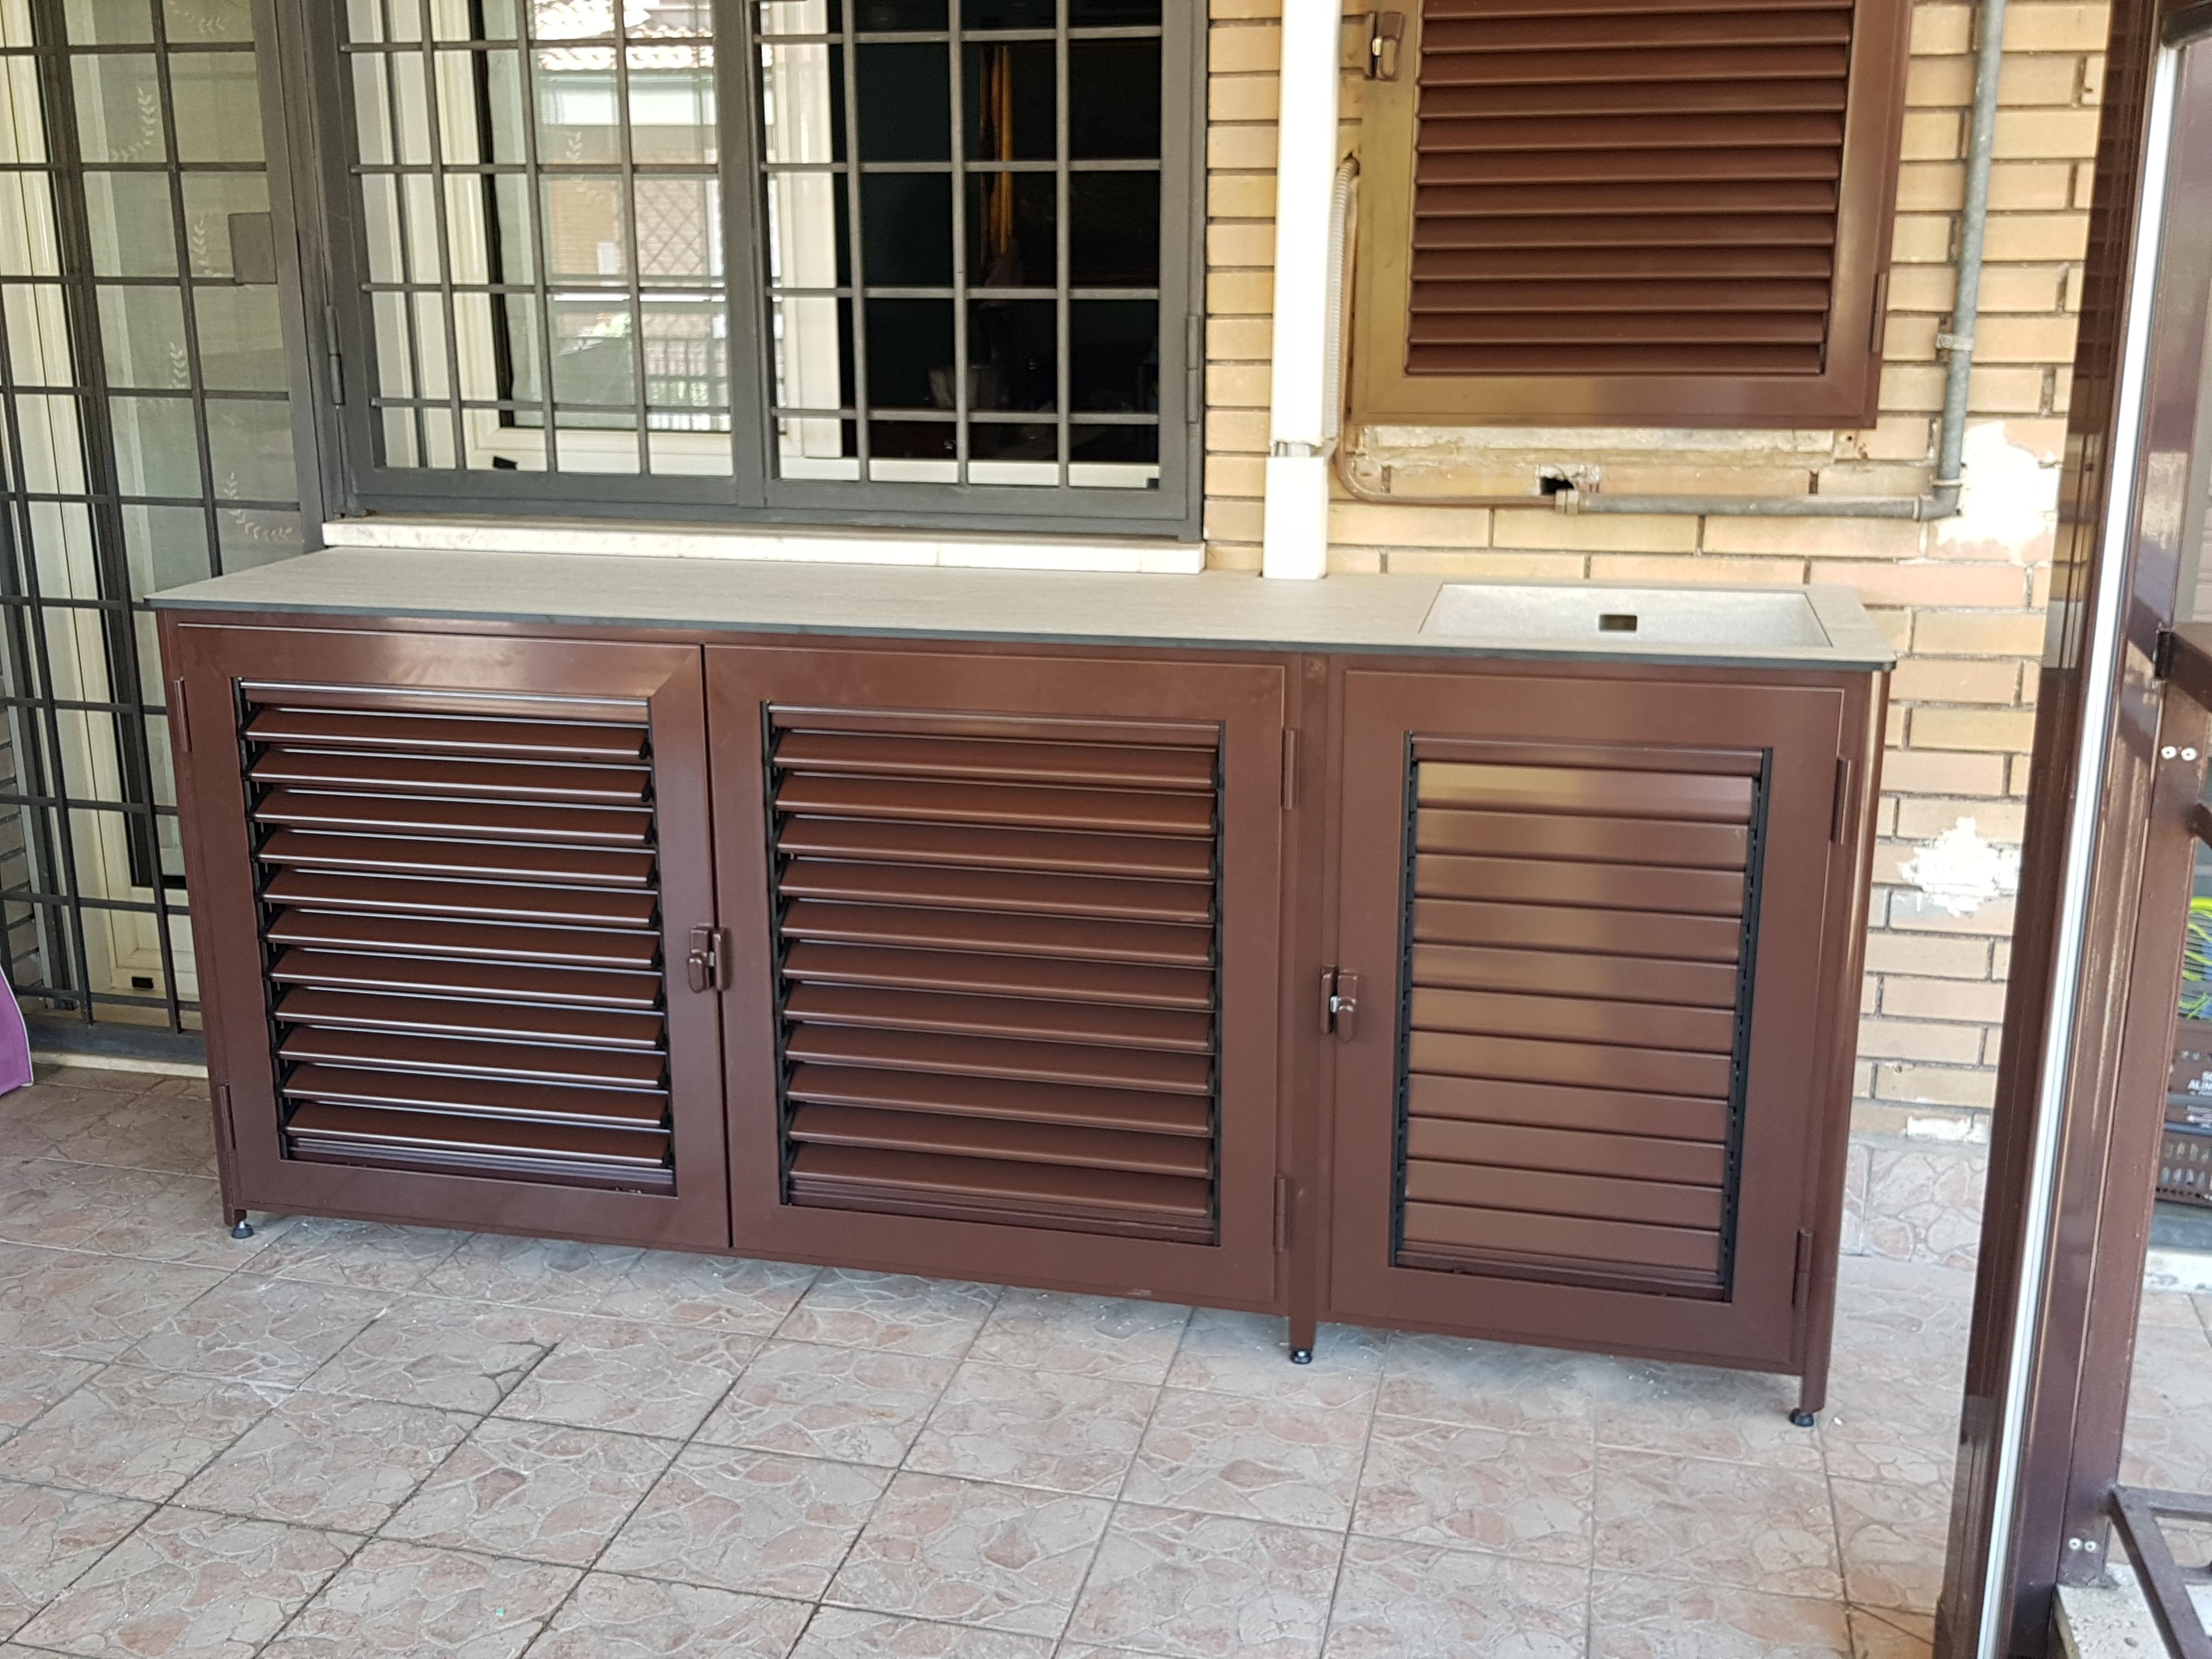 Fotografia di un armadio marrone 8017 coprimotore con top stratificato e vasca integrata.